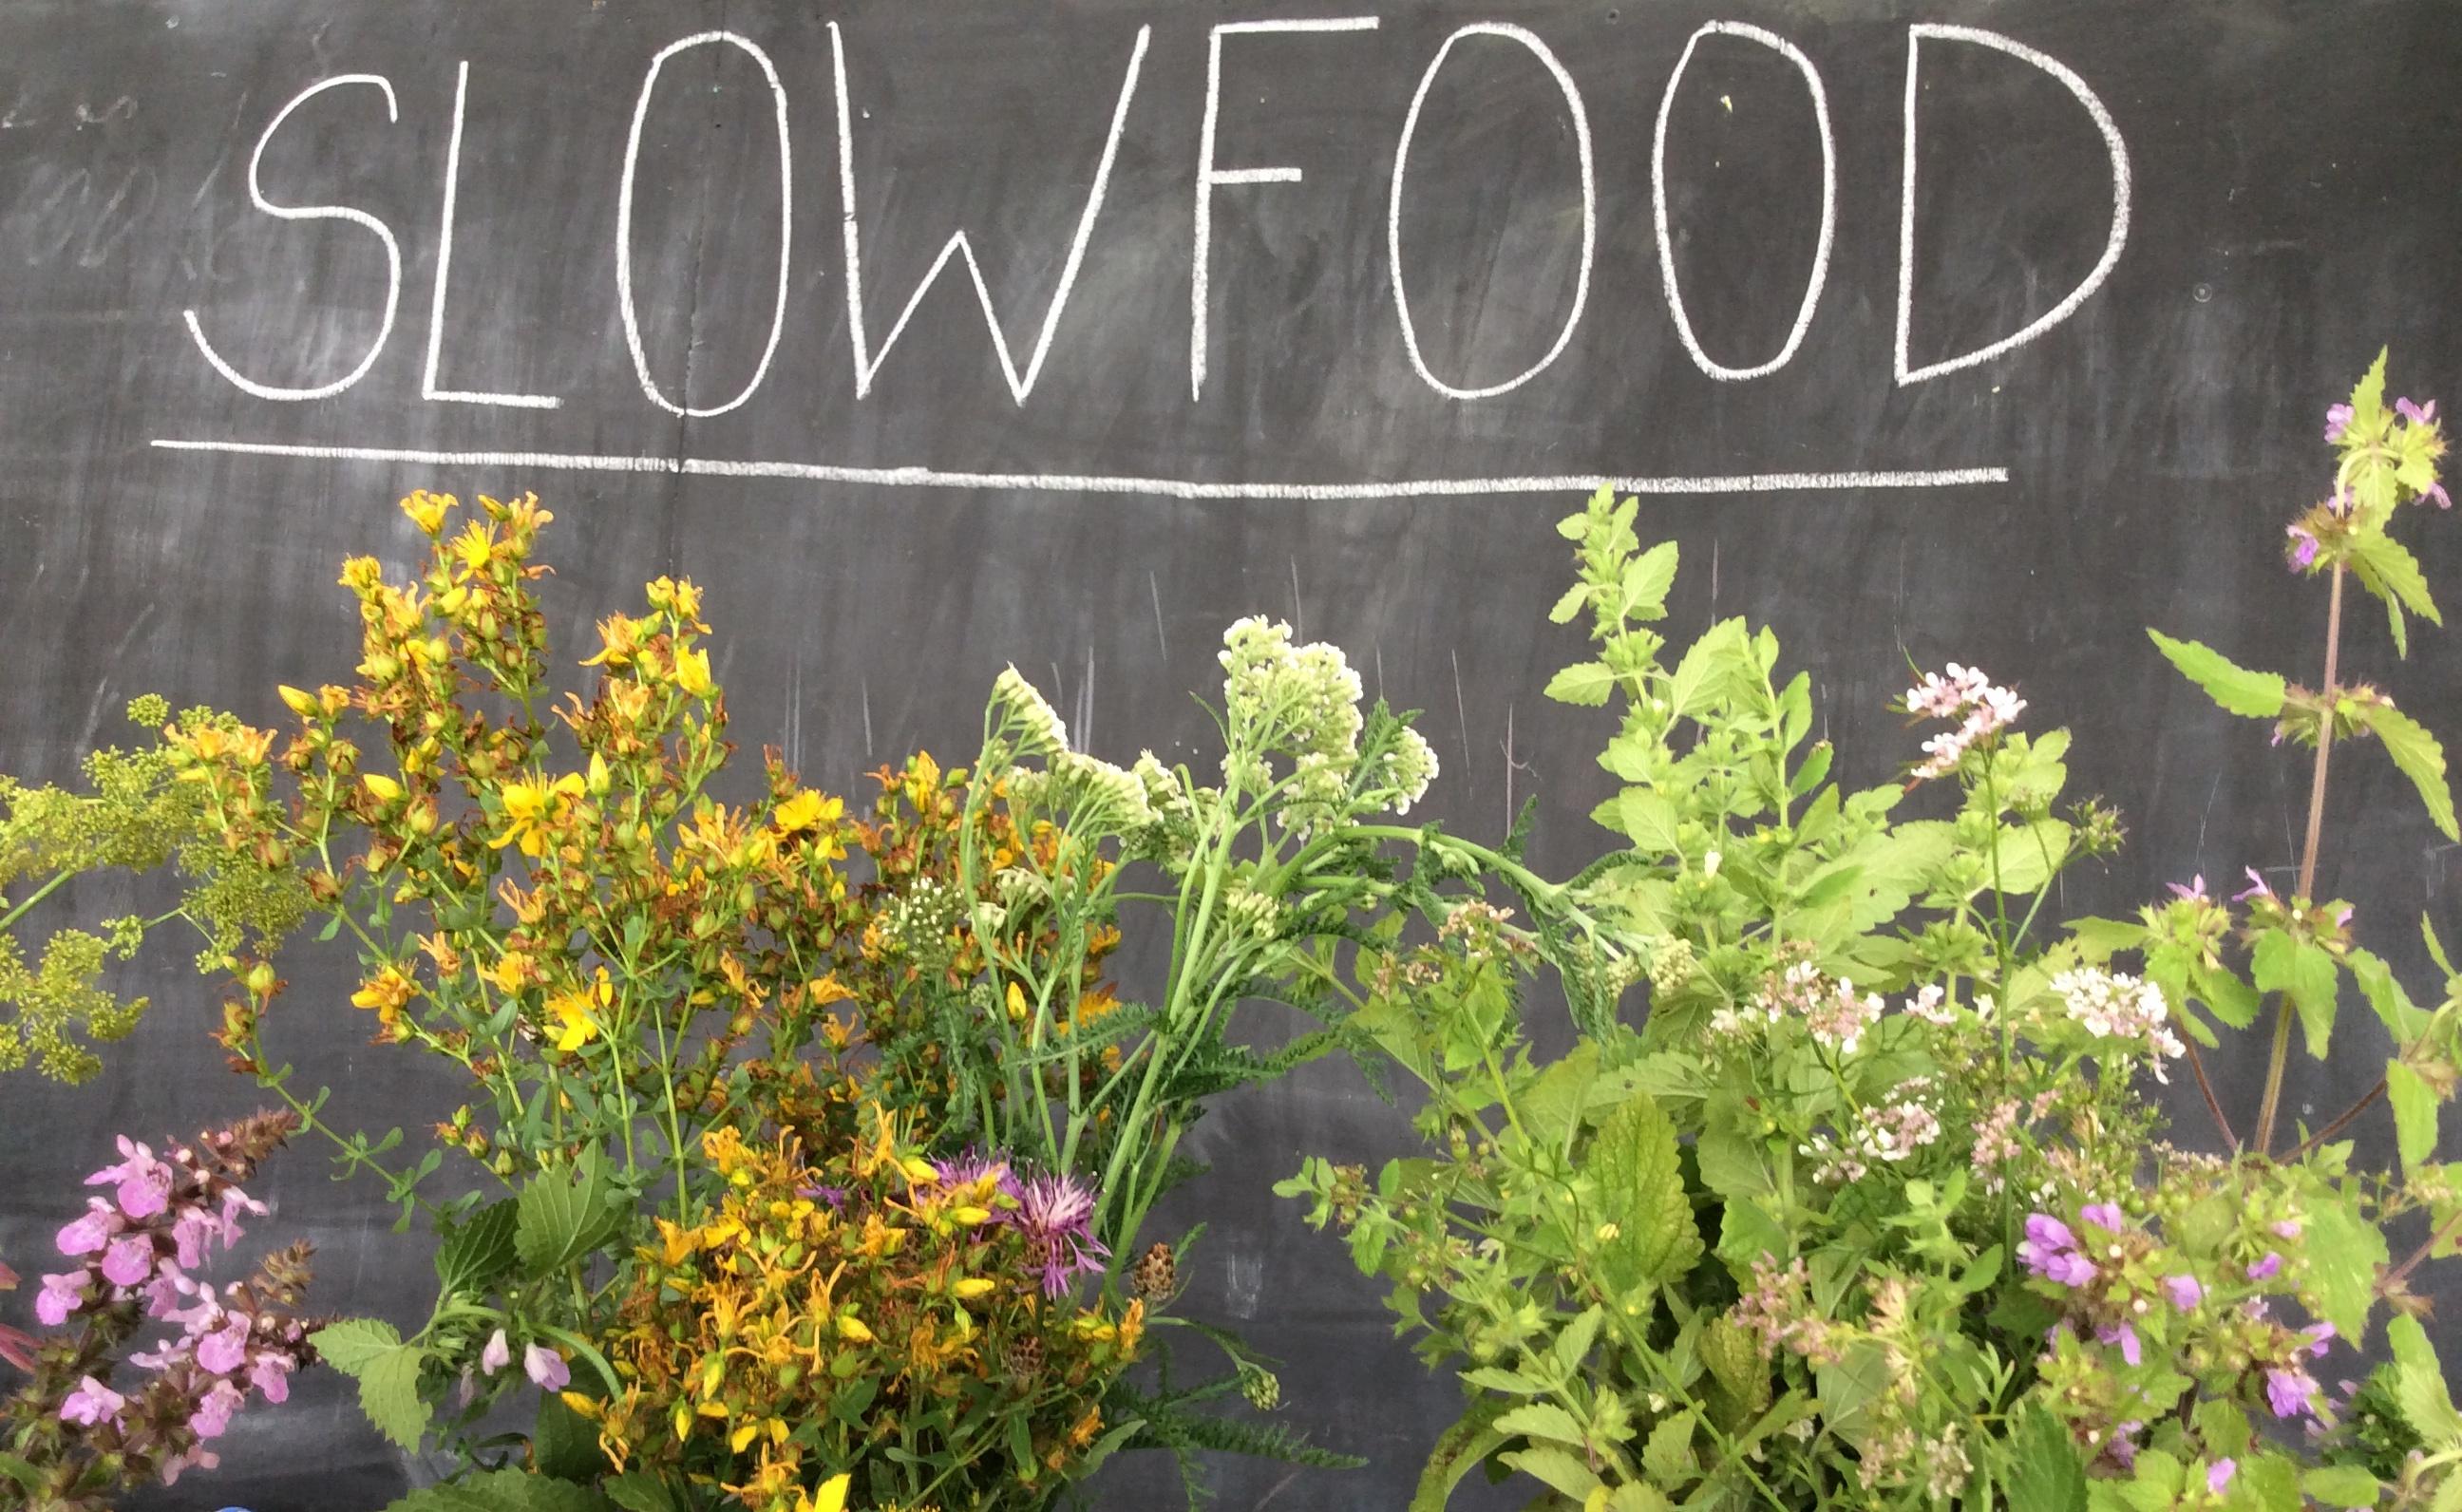 Festival Slow food: Co už jsme zažili a co nás ještě čeká?